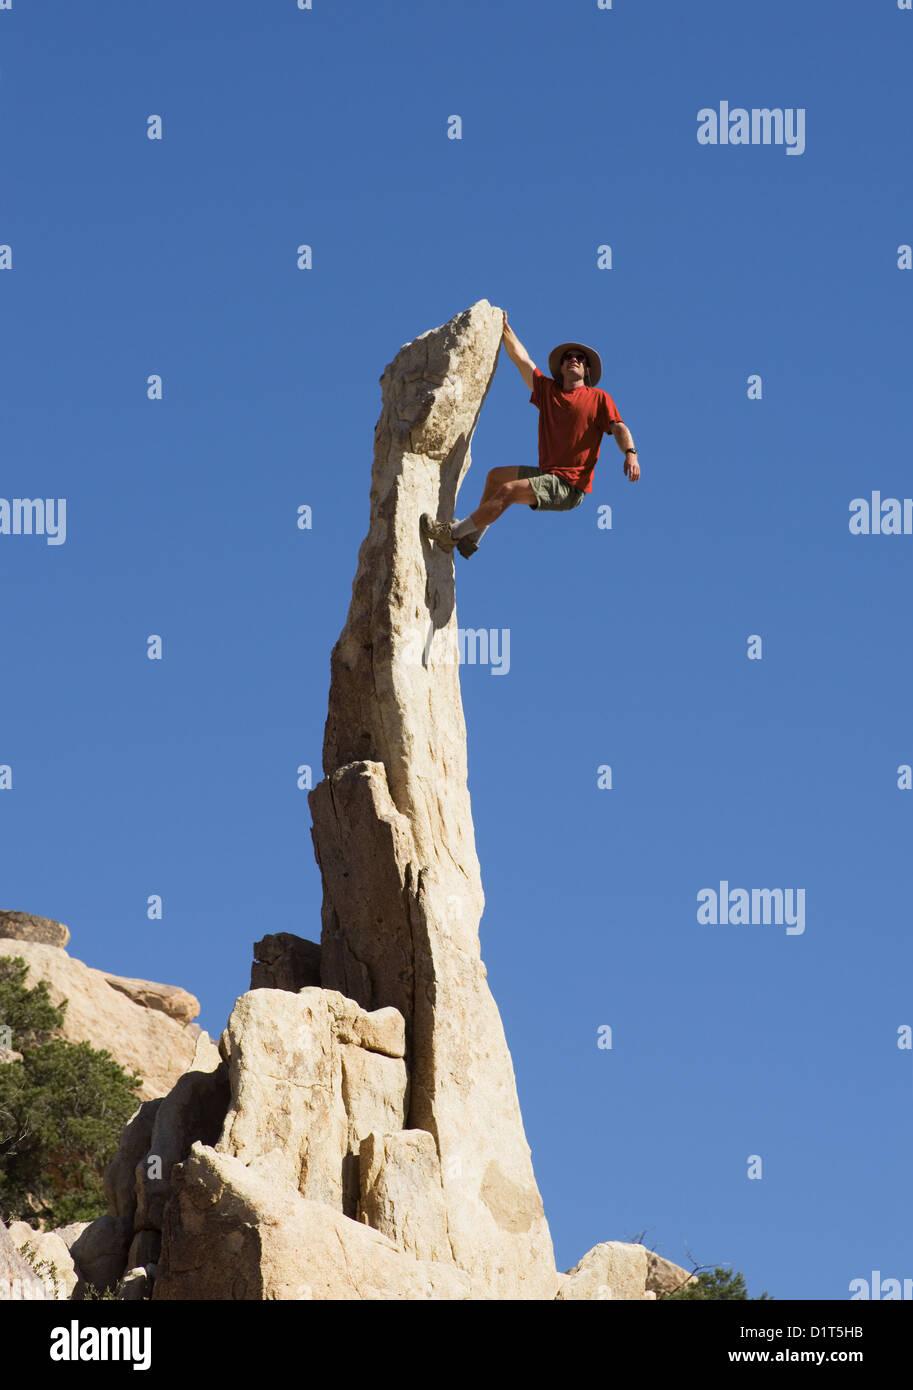 Un homme de grimper une pente raide spire roc étroit Photo Stock